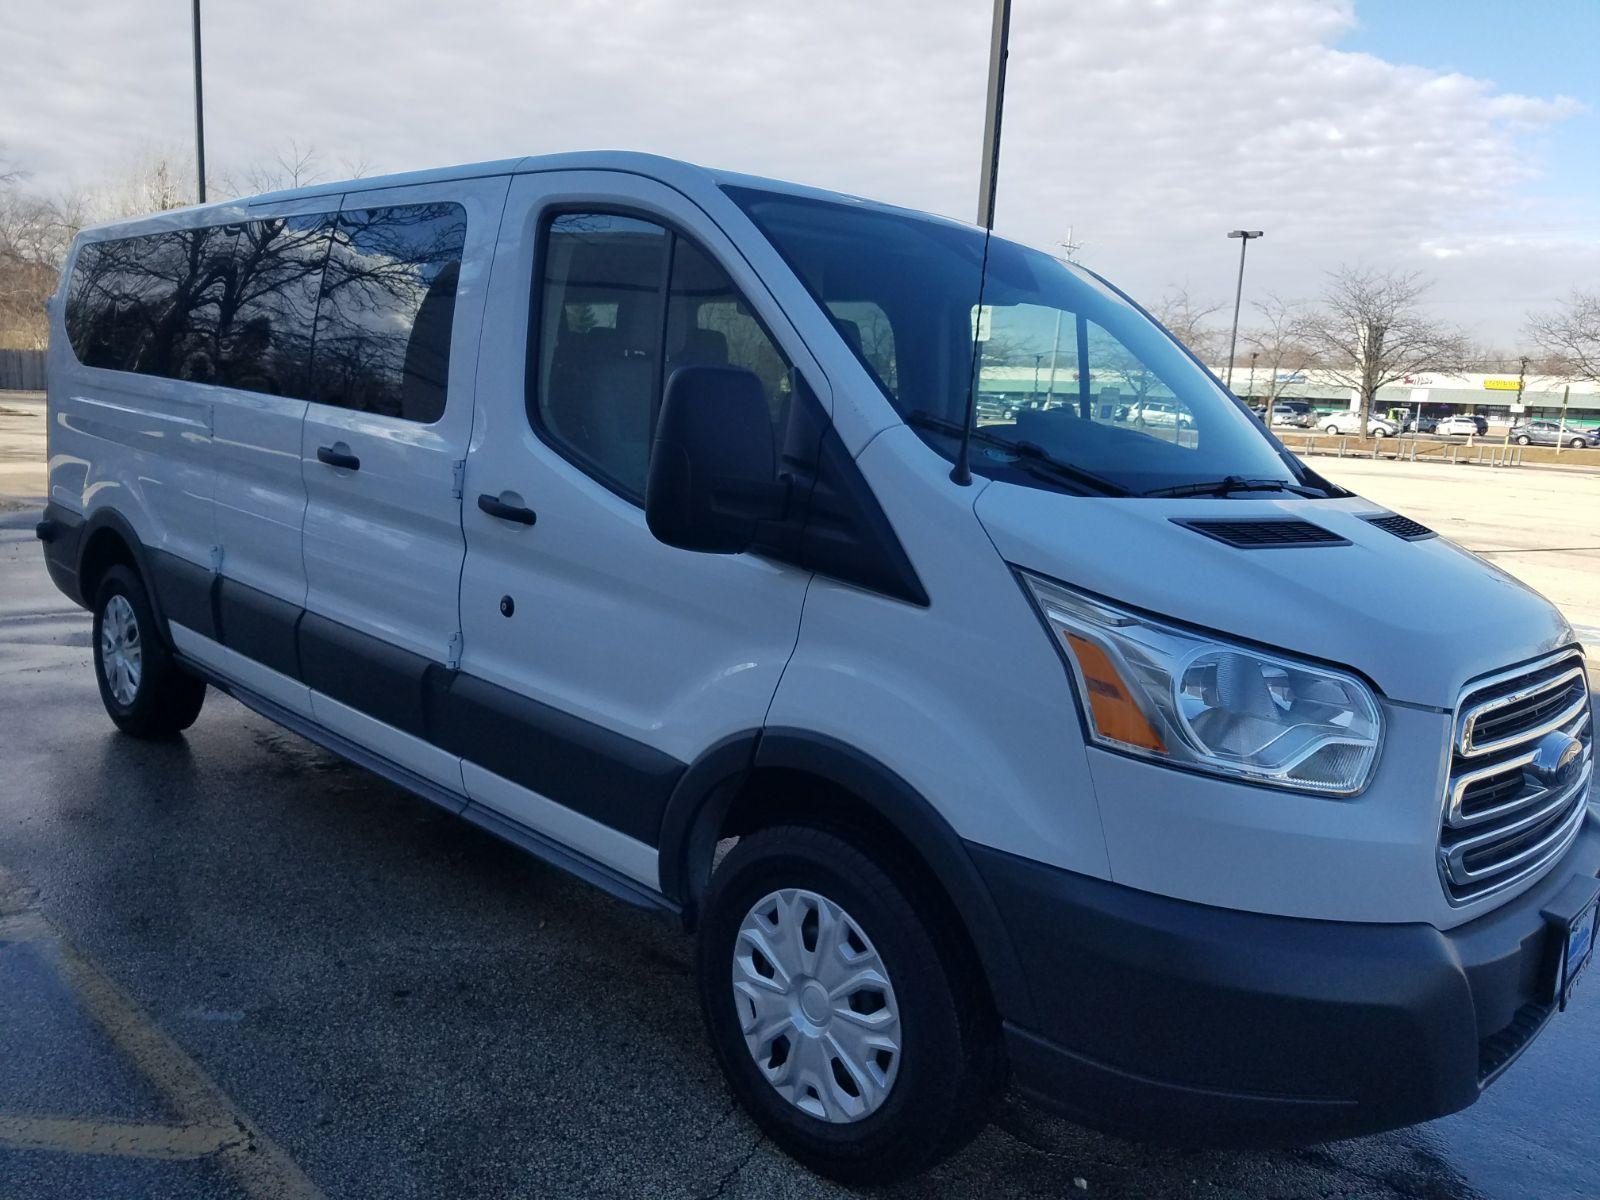 9 Ford Transit 350 XLT Low Roof 12 Passenger A1 Rental Vans